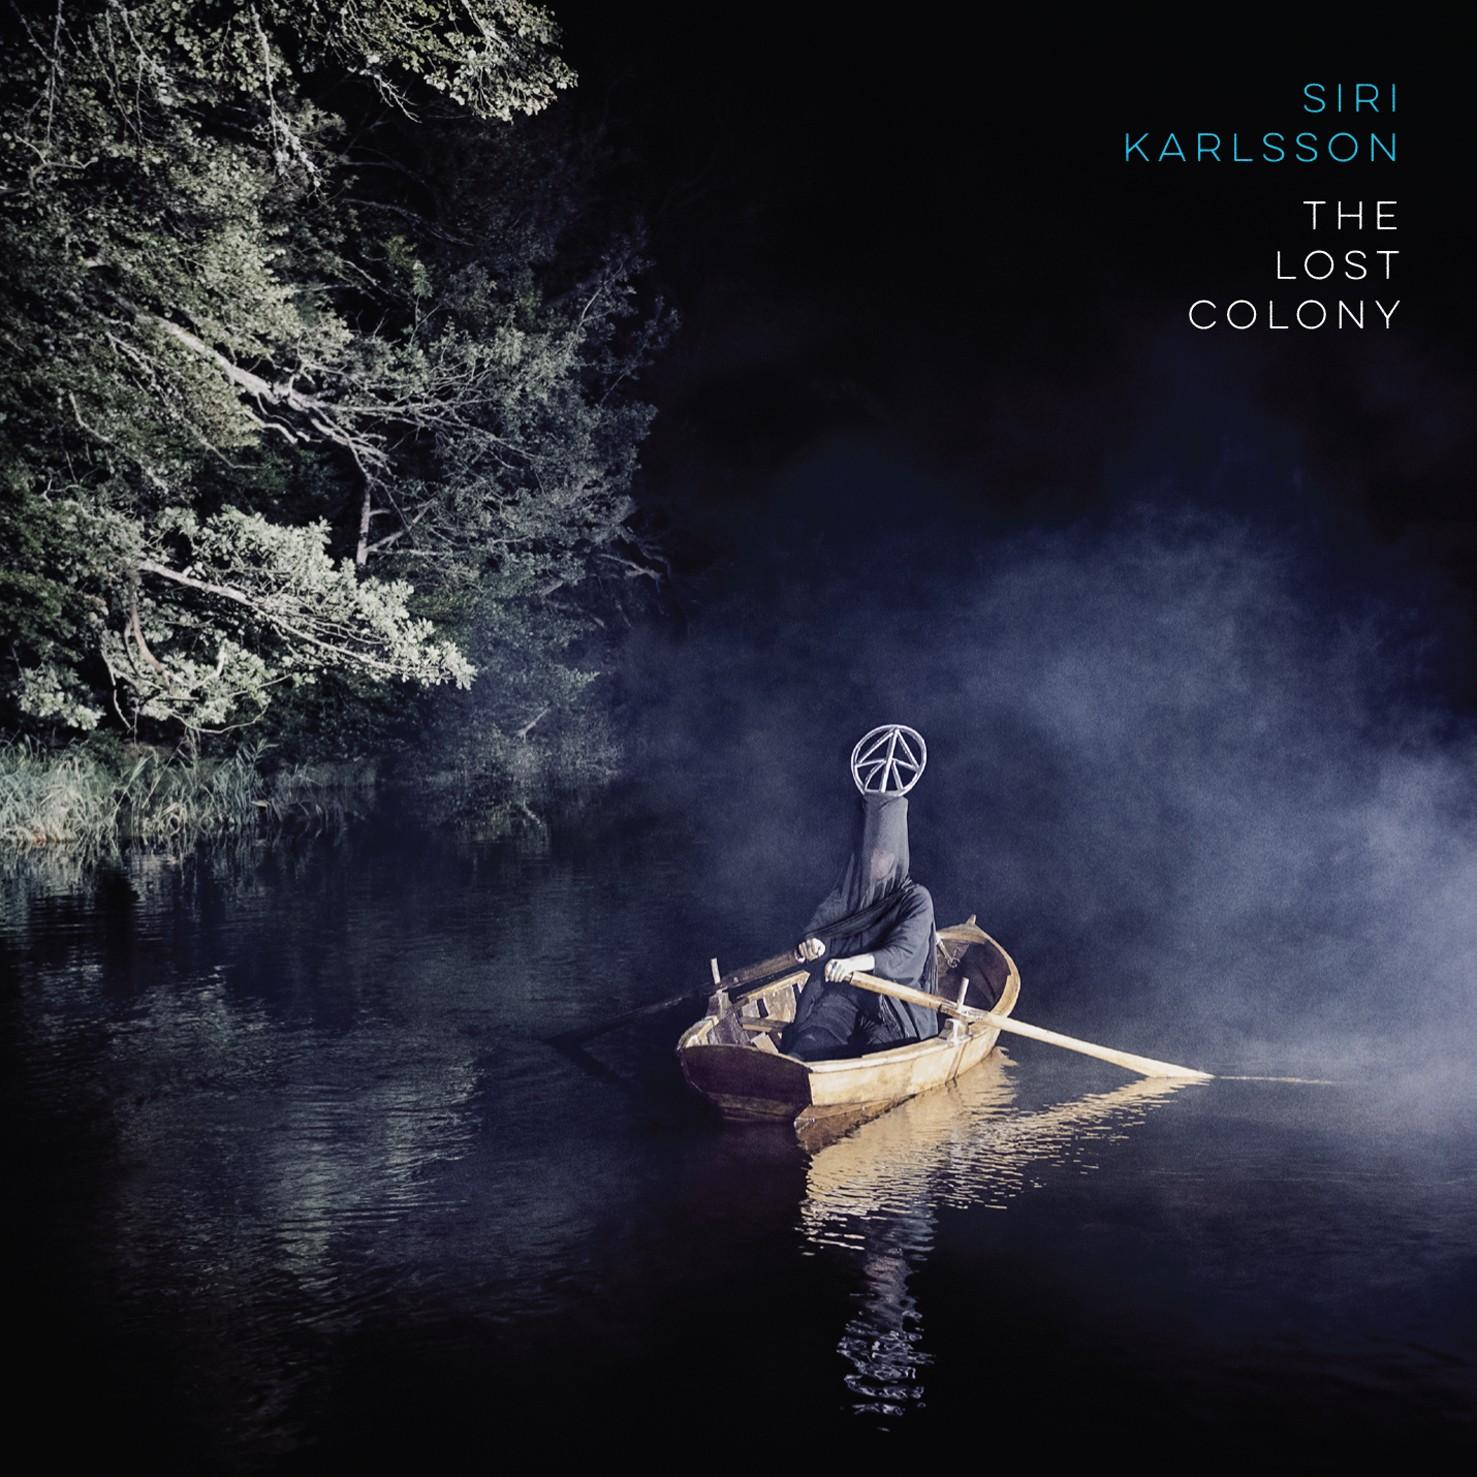 """4 SIRI KARLSSON – THE LOST COLONY - 來自瑞典的民謠音樂。我一看到唱片的名稱""""THE LOST COLONY"""",便想起香港,想也不想就買下了。MARTY 是英國人,所以明白""""THE LOST COLONY""""這個名詞為什麼會讓我一下子心情沉重。"""